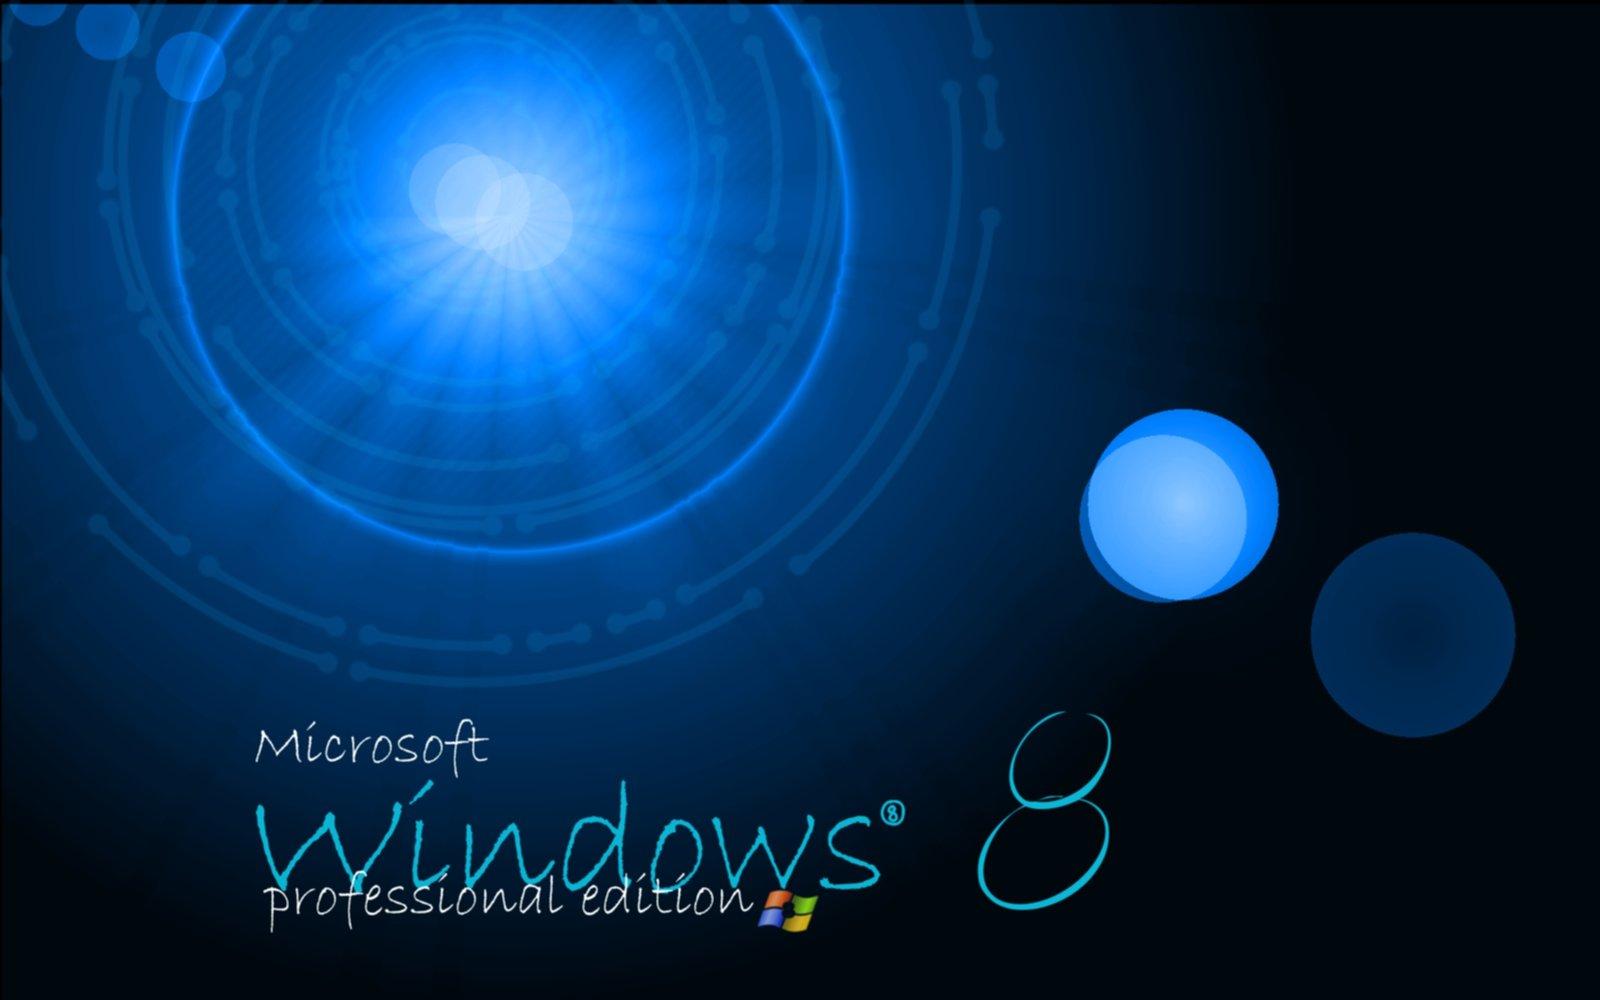 windows 8 wallpapers Windows 8 hd masaüstü duvar kağıdı resimleri